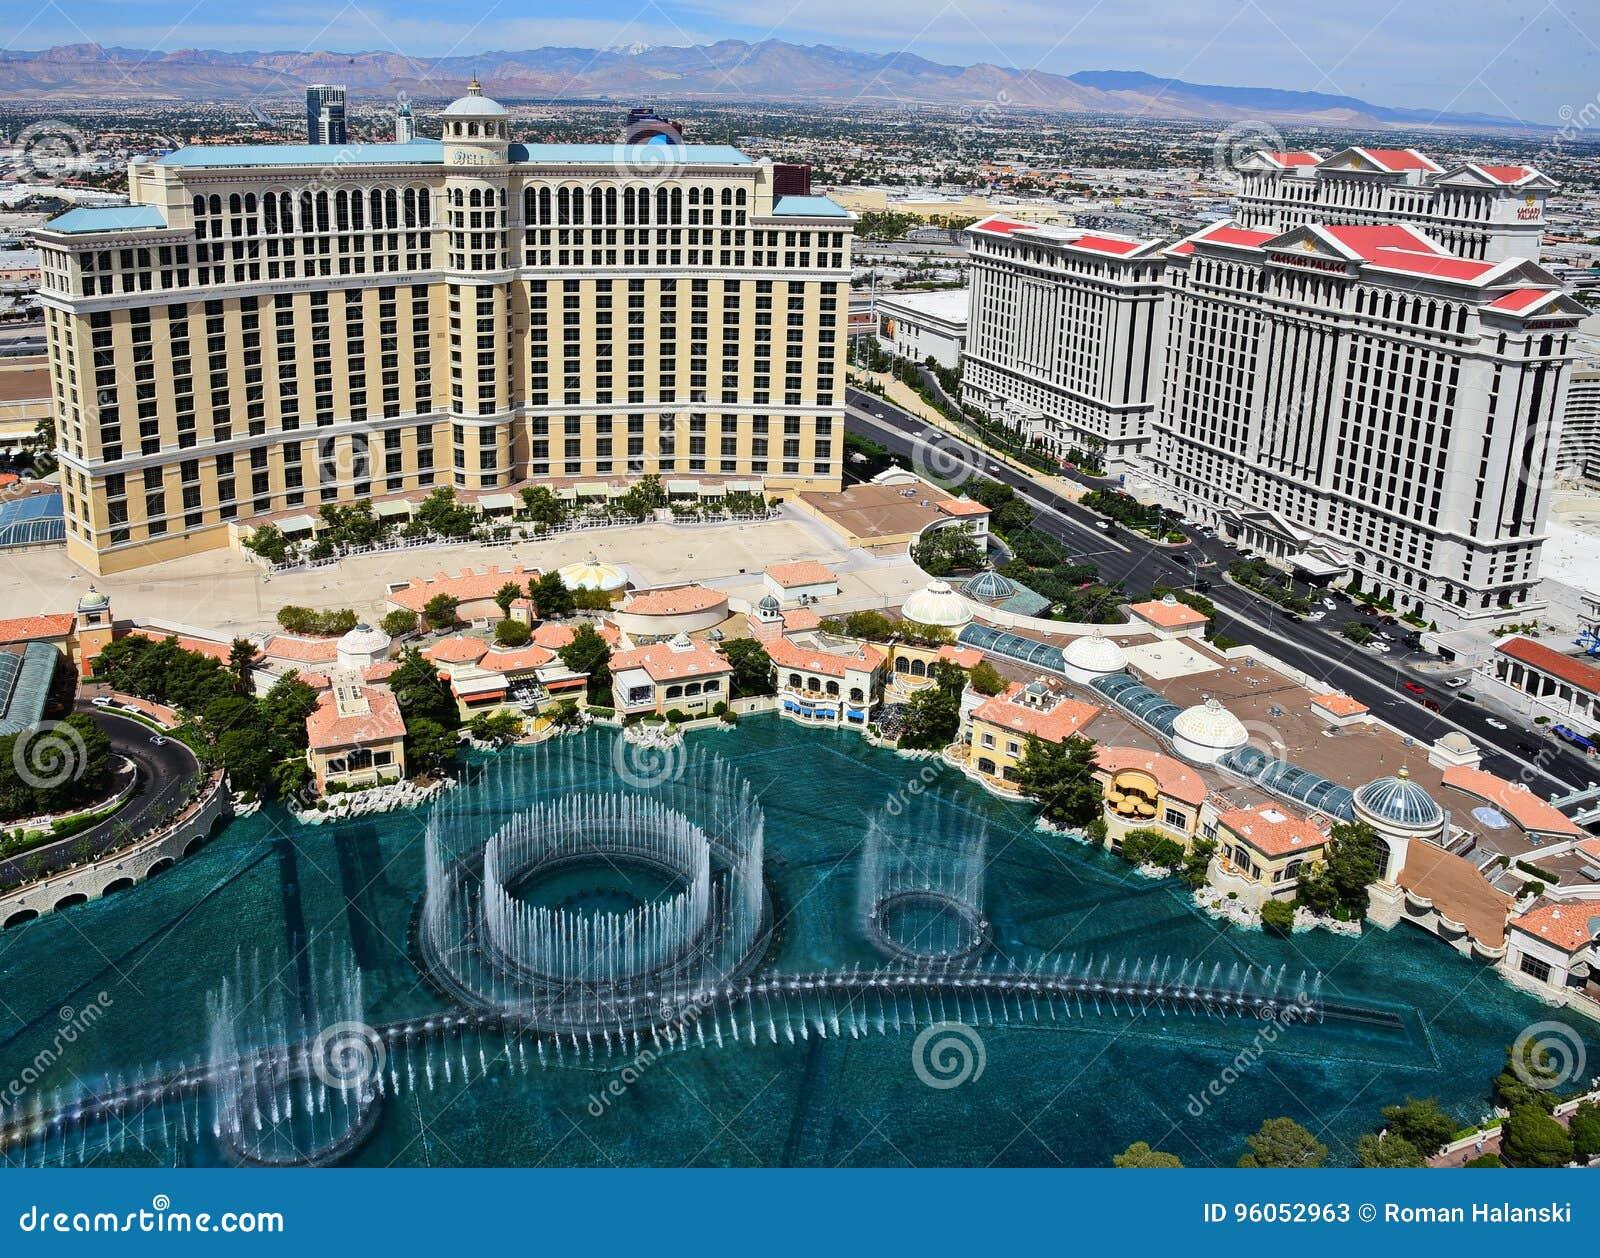 Vue de Birdseye de Bellagio et des casinos de Caesars